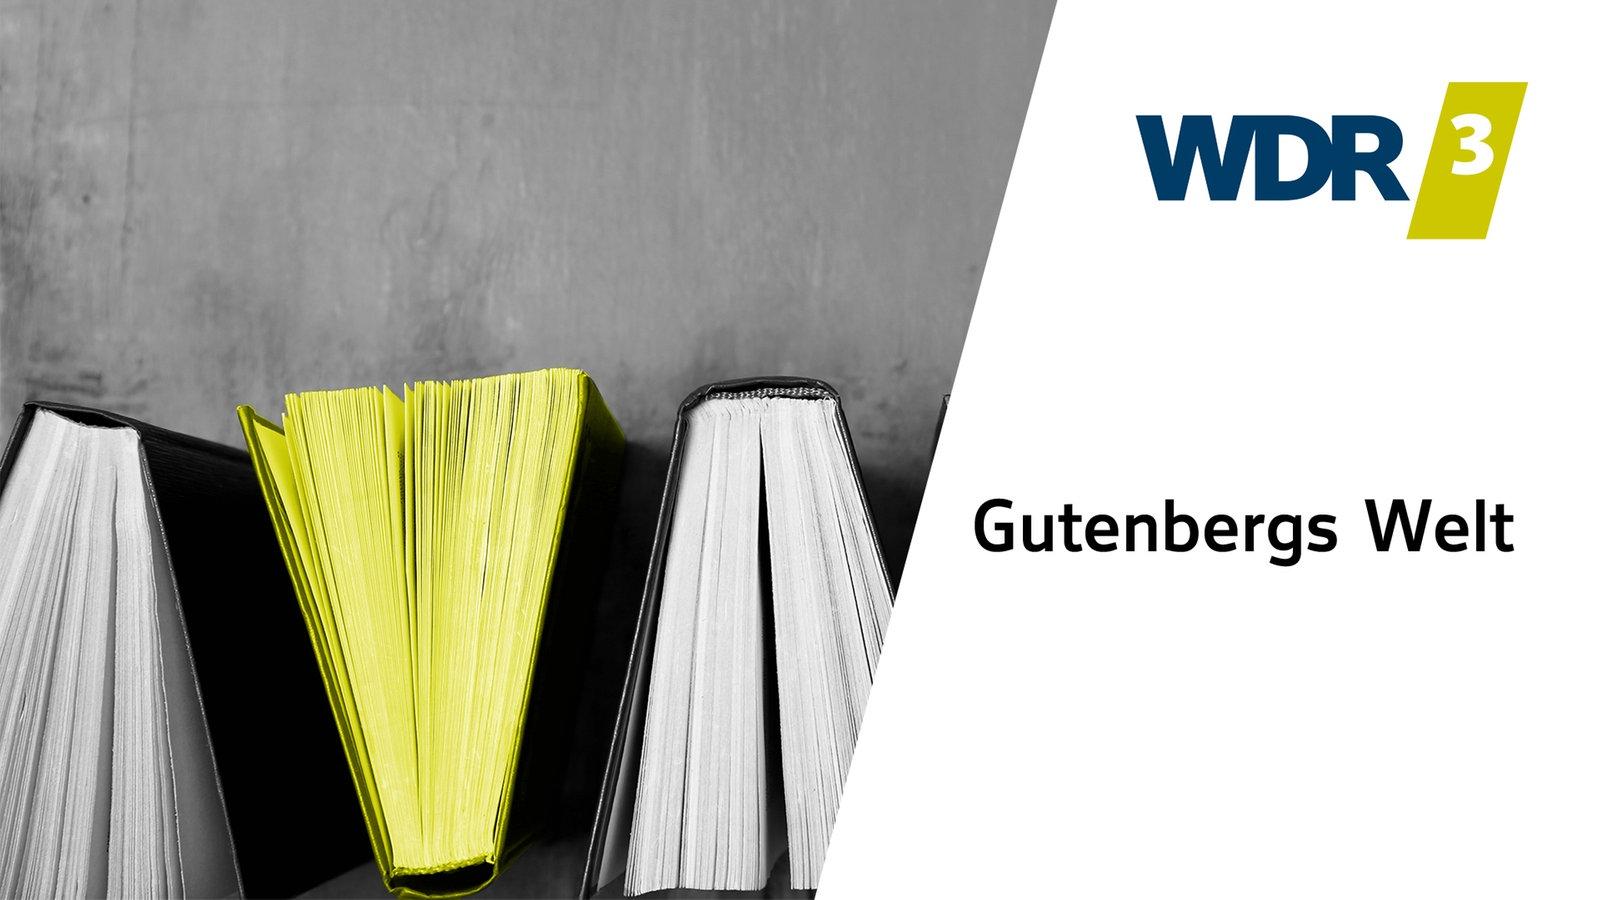 Logo Gutenbergs Welt, Rechte: WDR